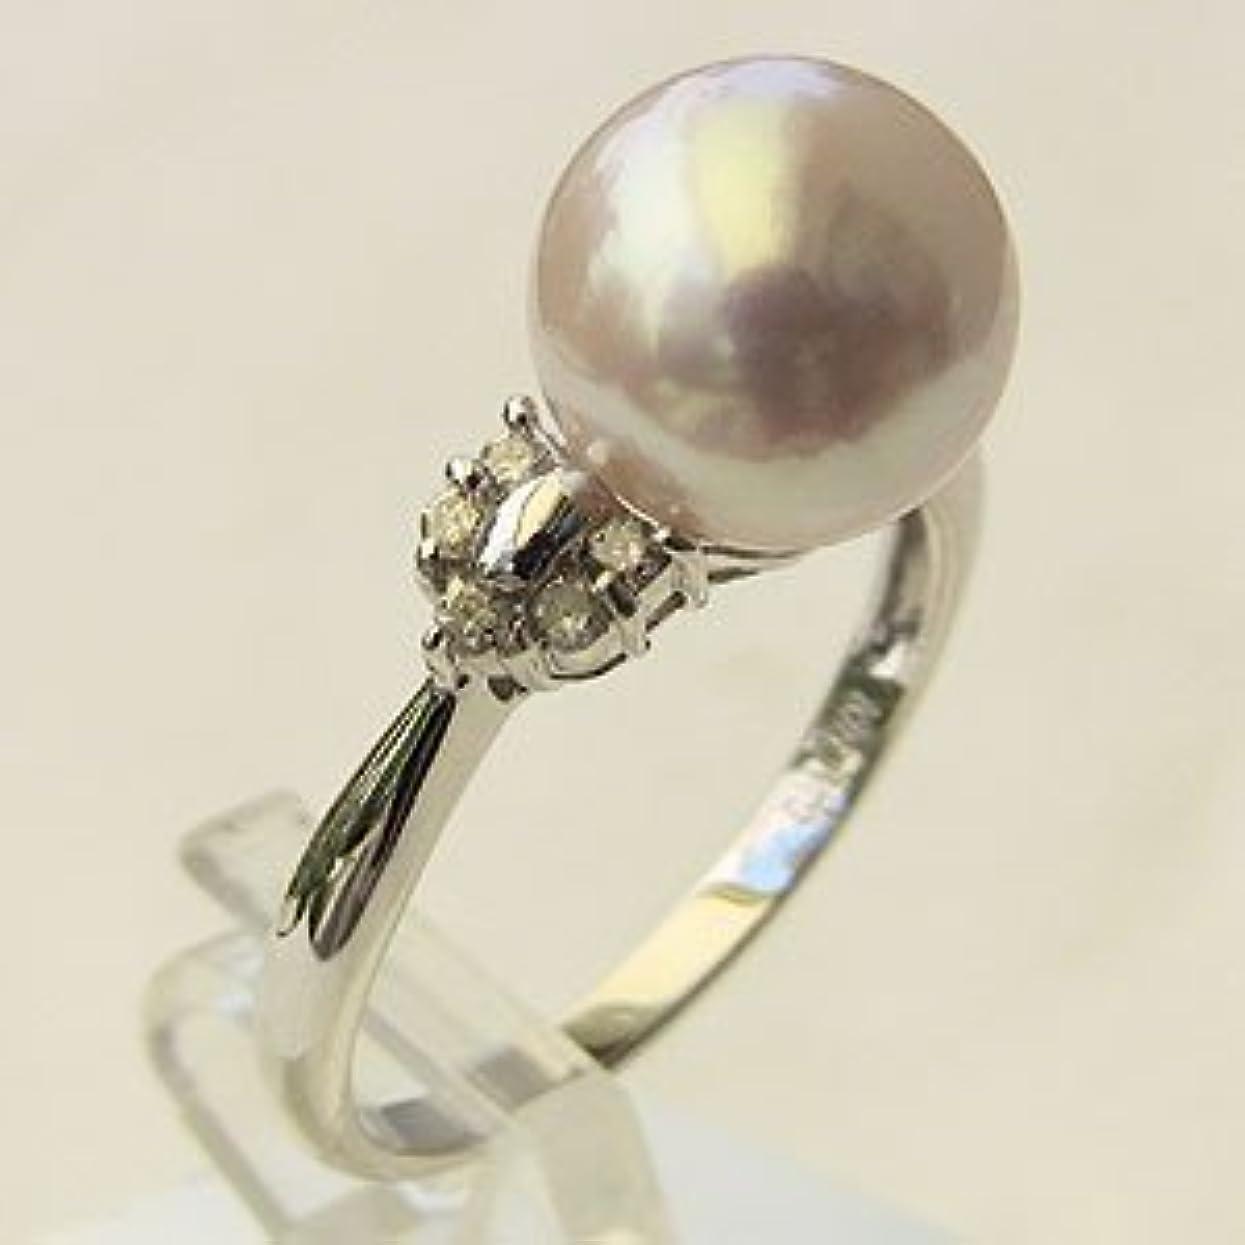 経歴保証強い真珠の杜 アコヤ本真珠 リング ダイヤモンド パール ピンクホワイト系 9mm K18WG ホワイトゴールド 指輪 0.14 結婚式用 パーティー用 プレゼント 15号